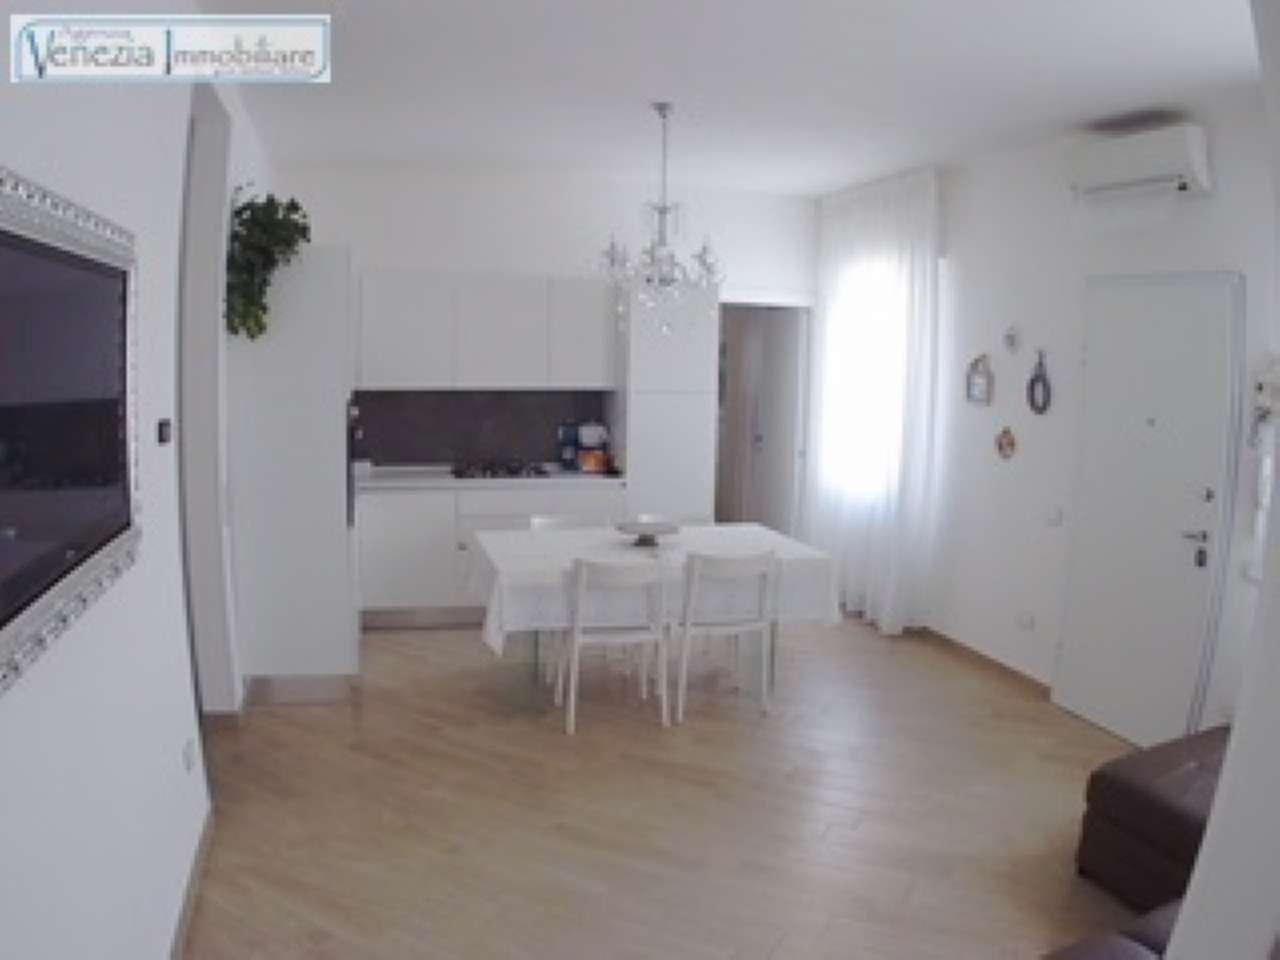 Soluzione Indipendente in vendita a Chioggia, 9999 locali, prezzo € 340.000 | CambioCasa.it